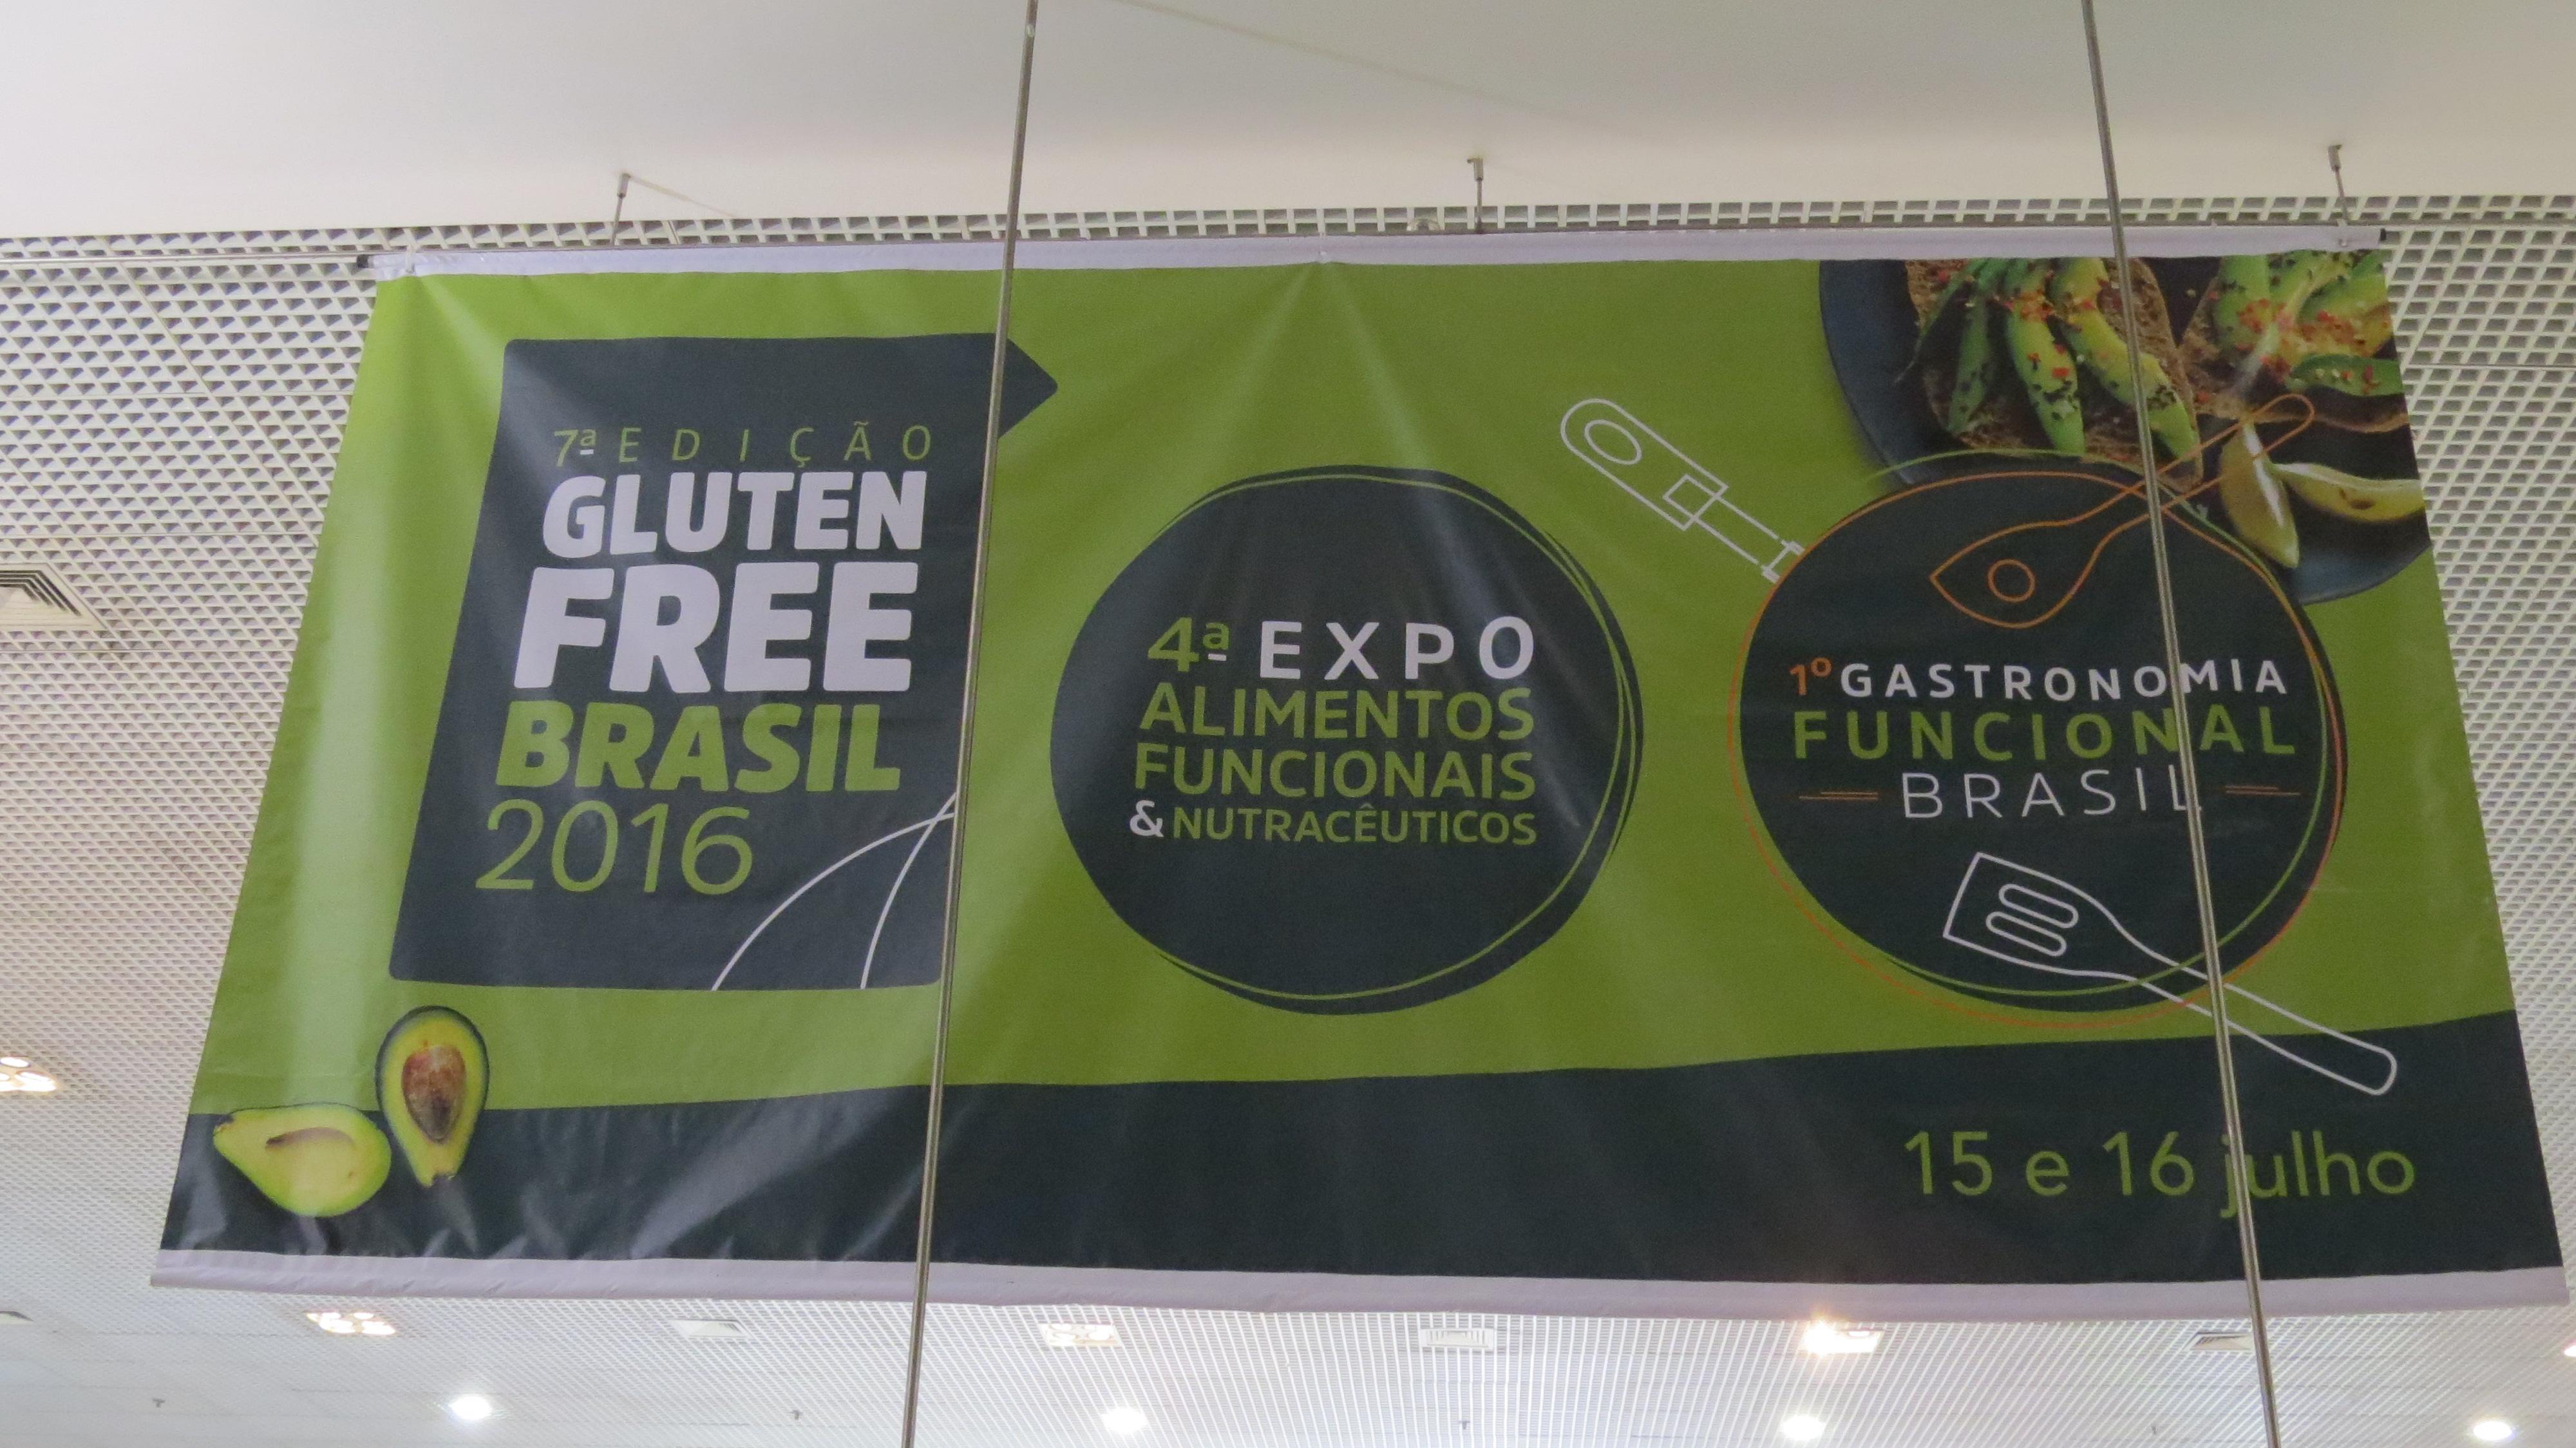 7ª edição do Gluten Free Brasil